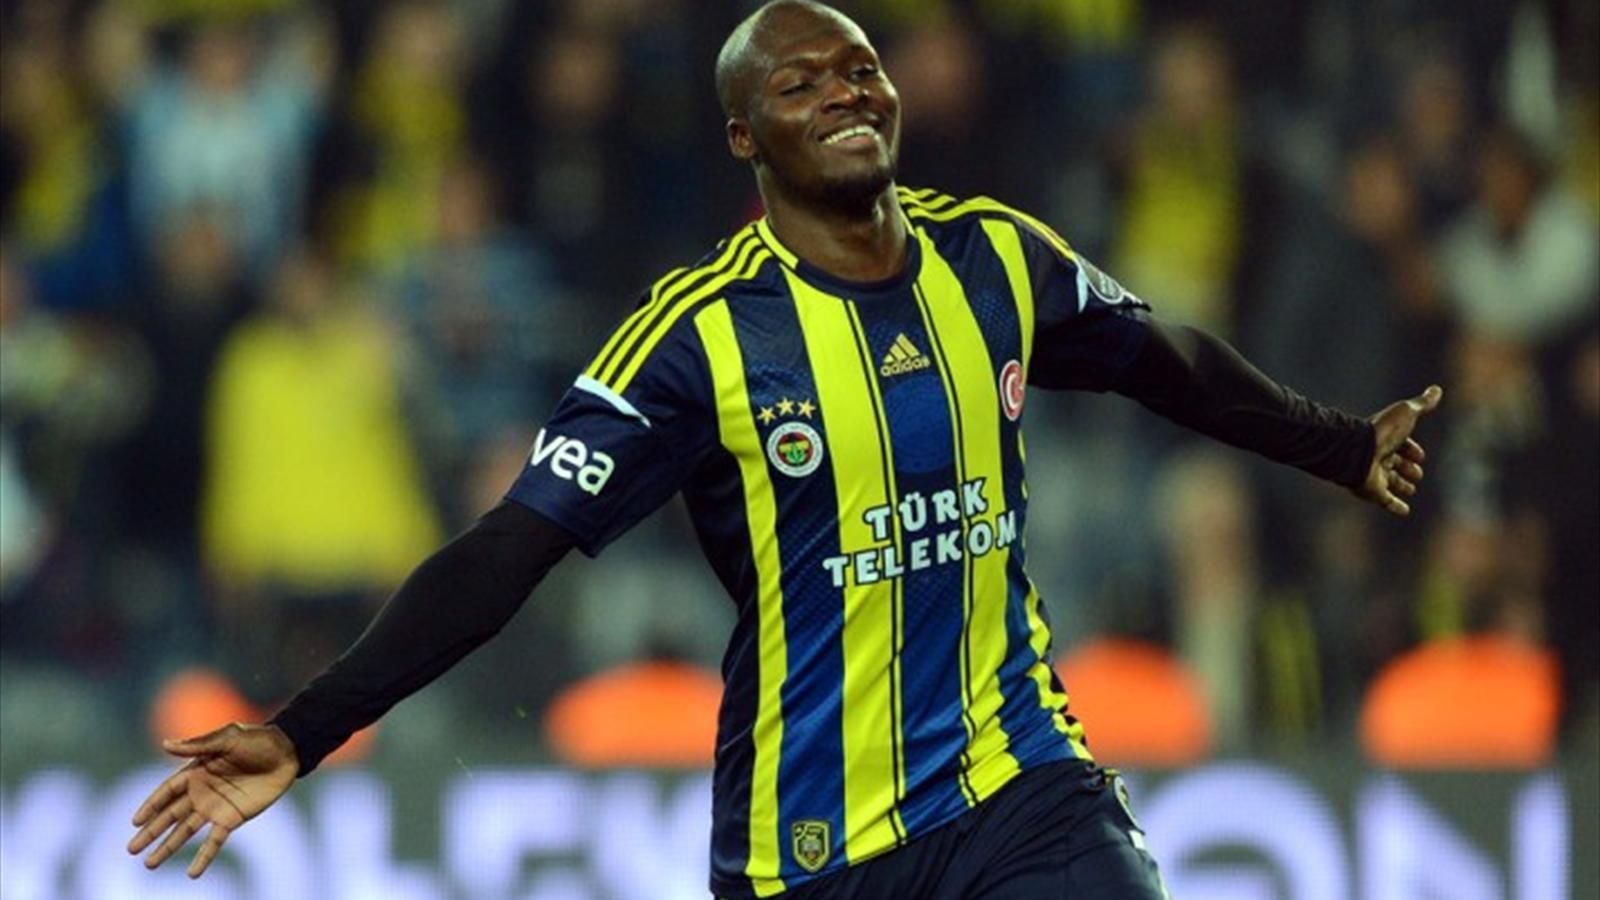 POUR UN SALAIRE DE 492 MILLIONS CFA: Moussa Sow va signer avec Bursaspor mardi prochain